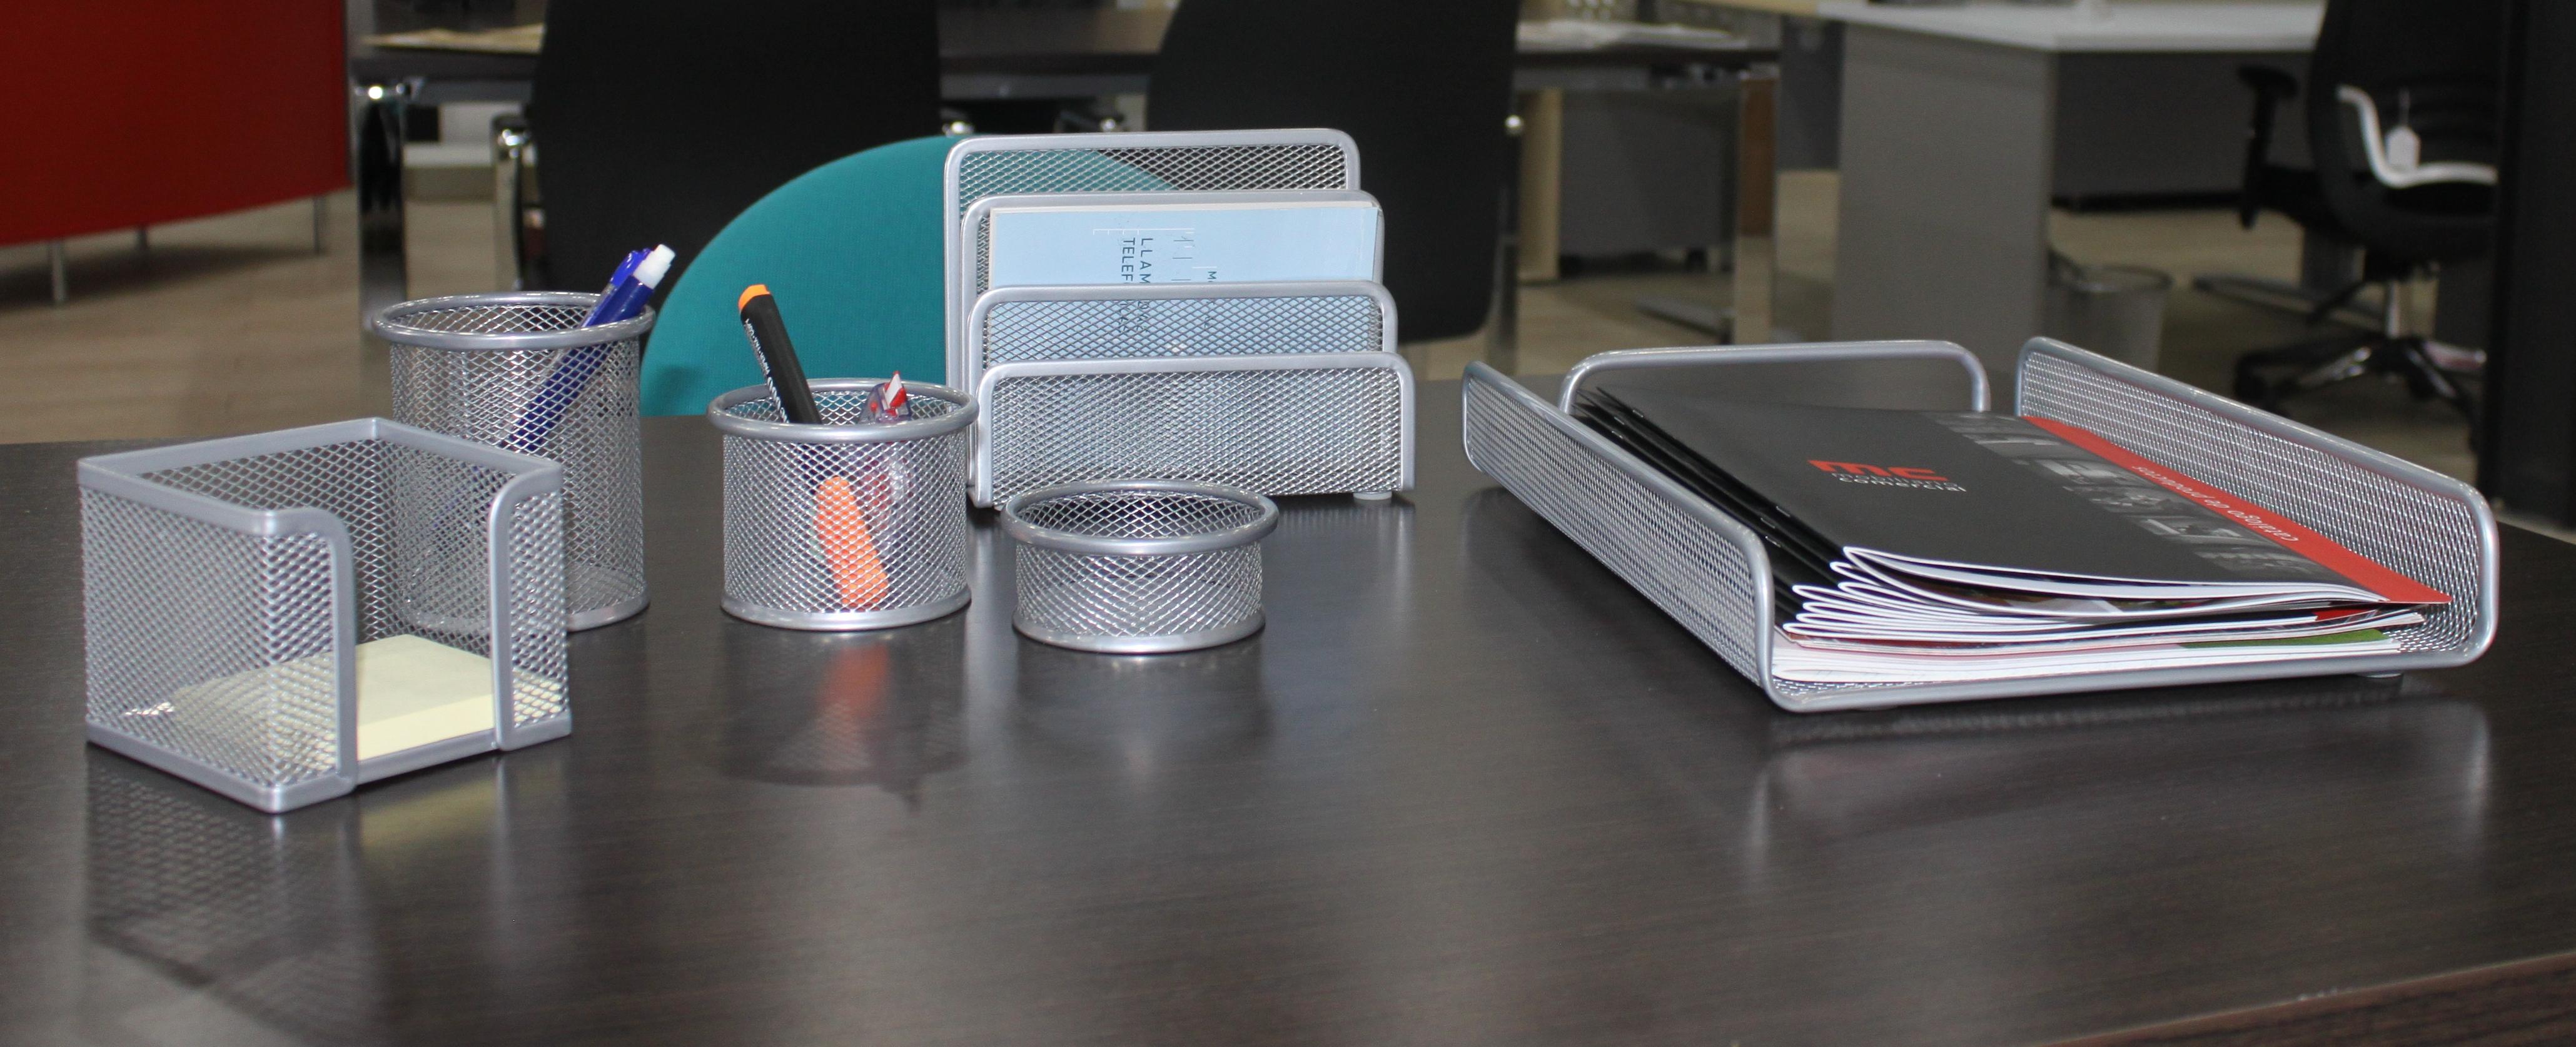 Complementos de oficina y almac n mc mobiliario for Complementos oficina